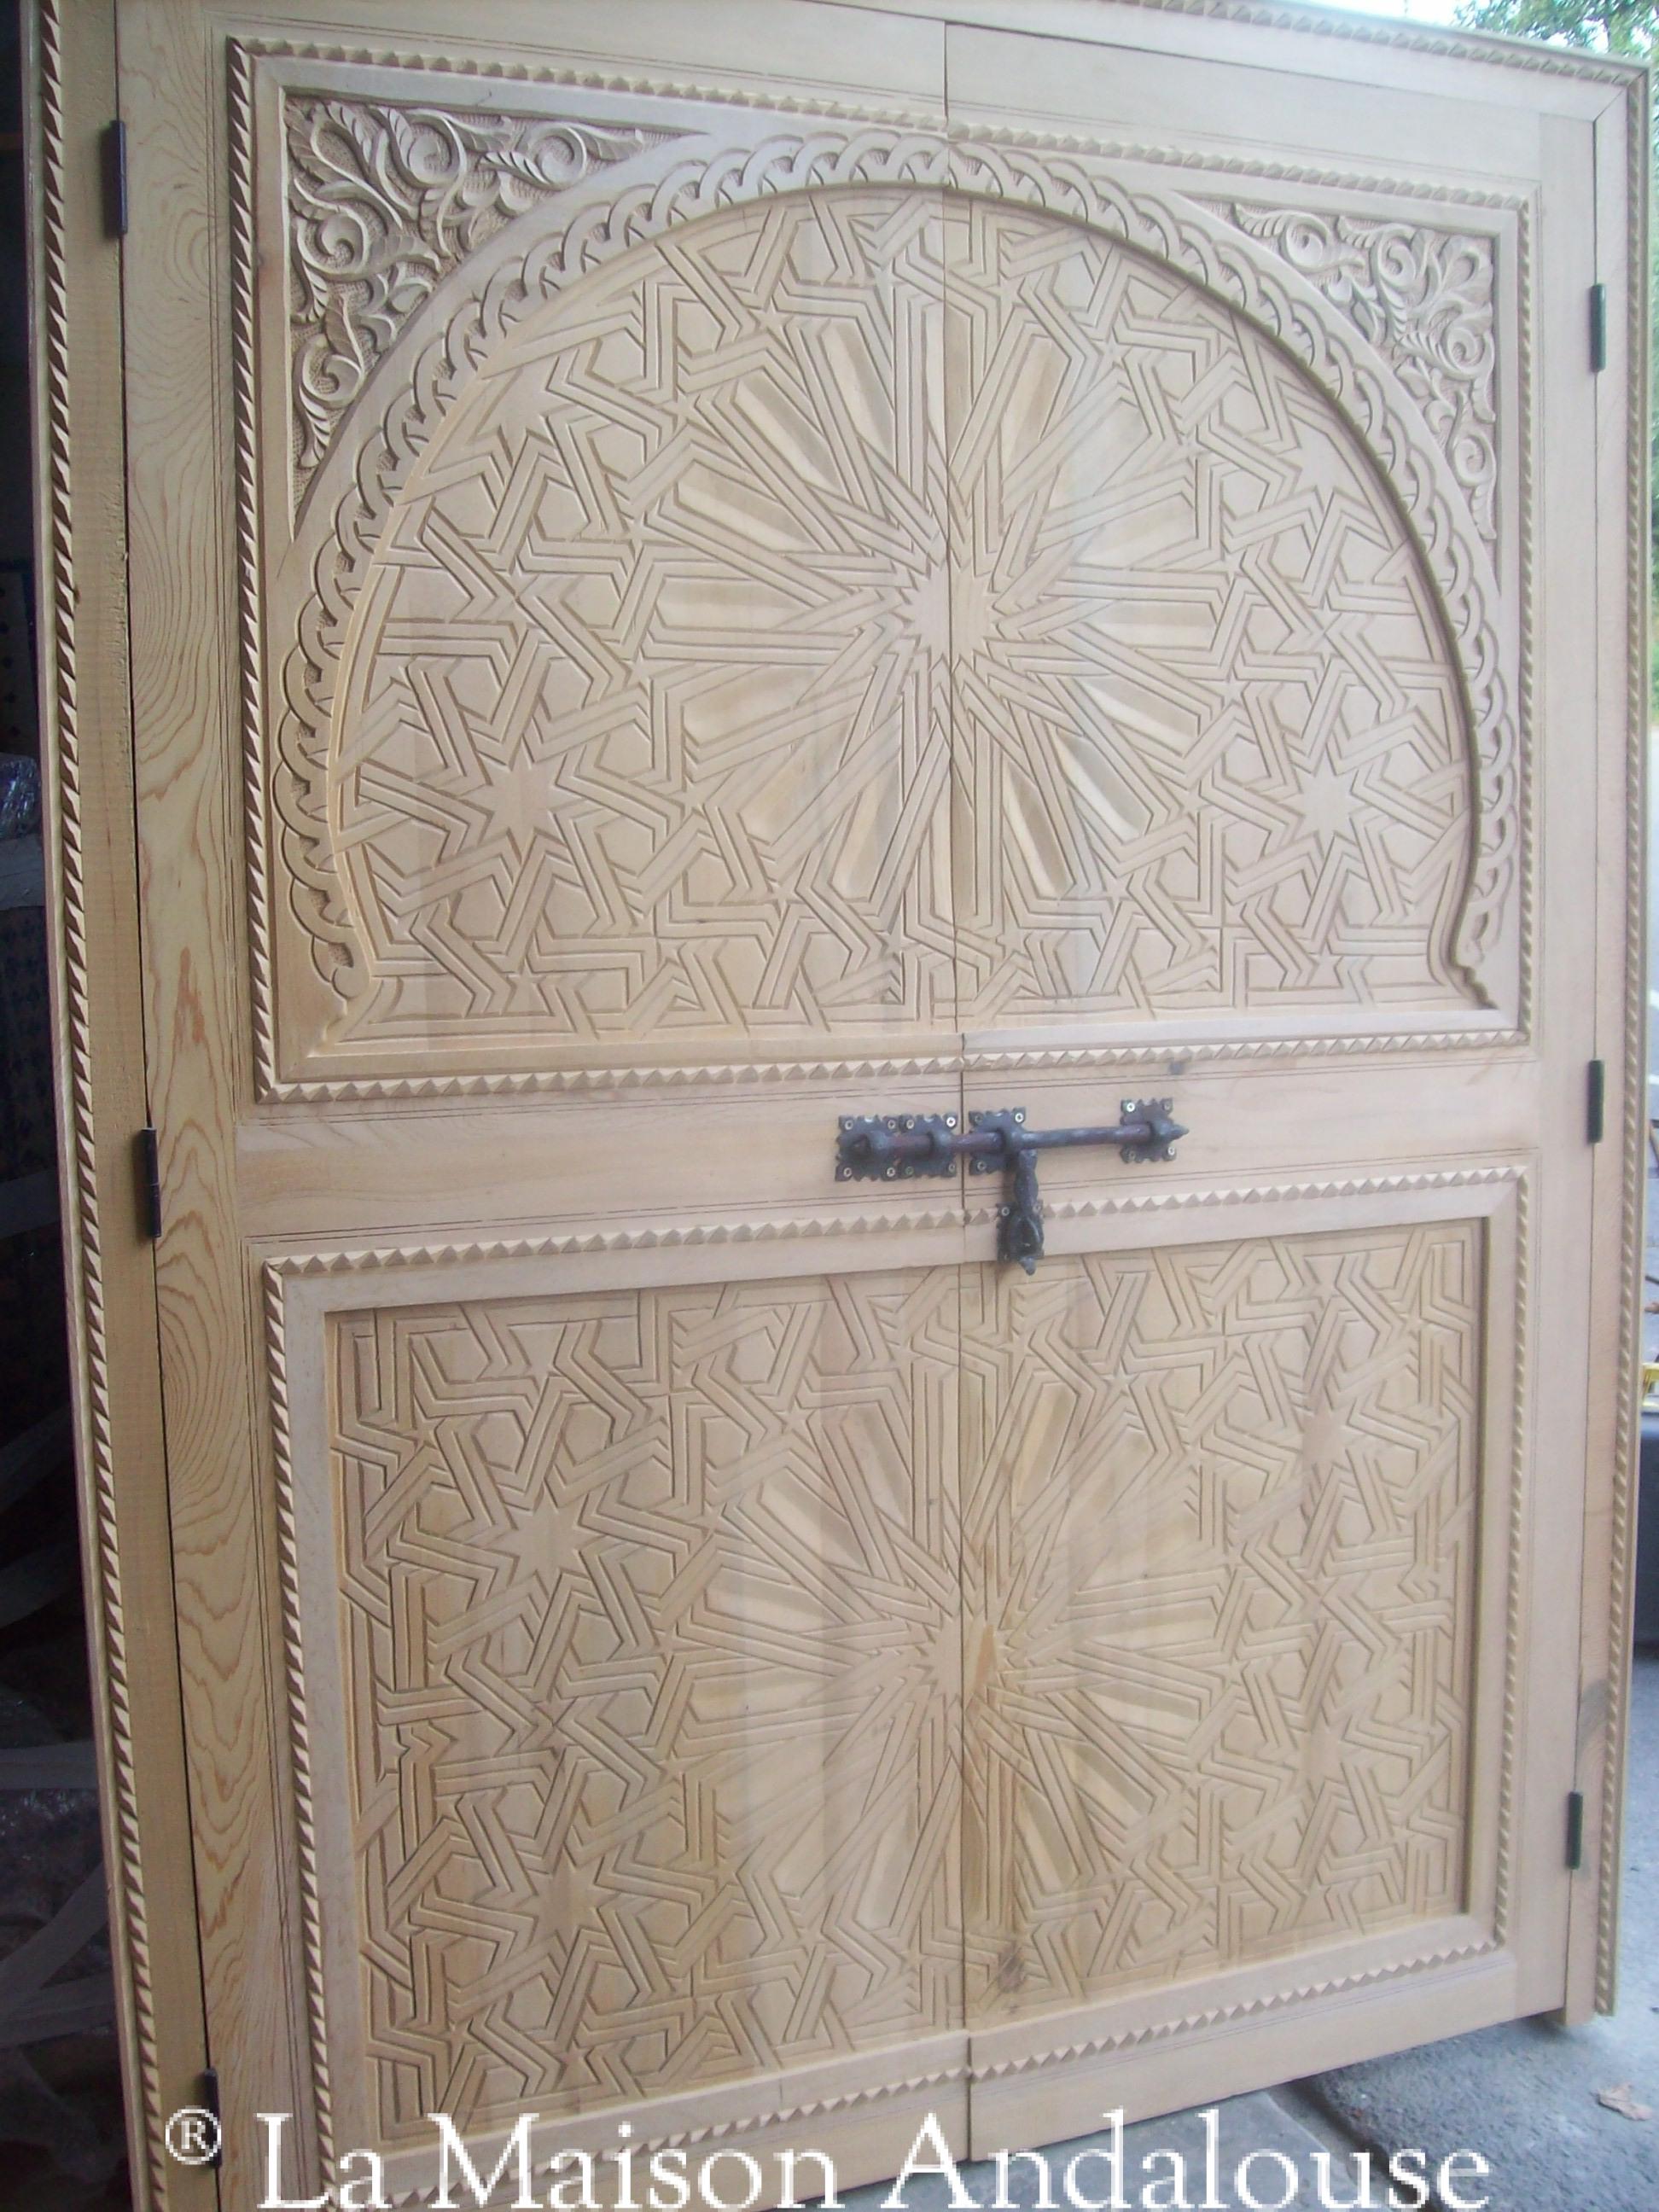 La Maison Andalouse Vente De Meubles Marocains Meuble En Fer Forg  # Porte De Meuble En Fer Forge